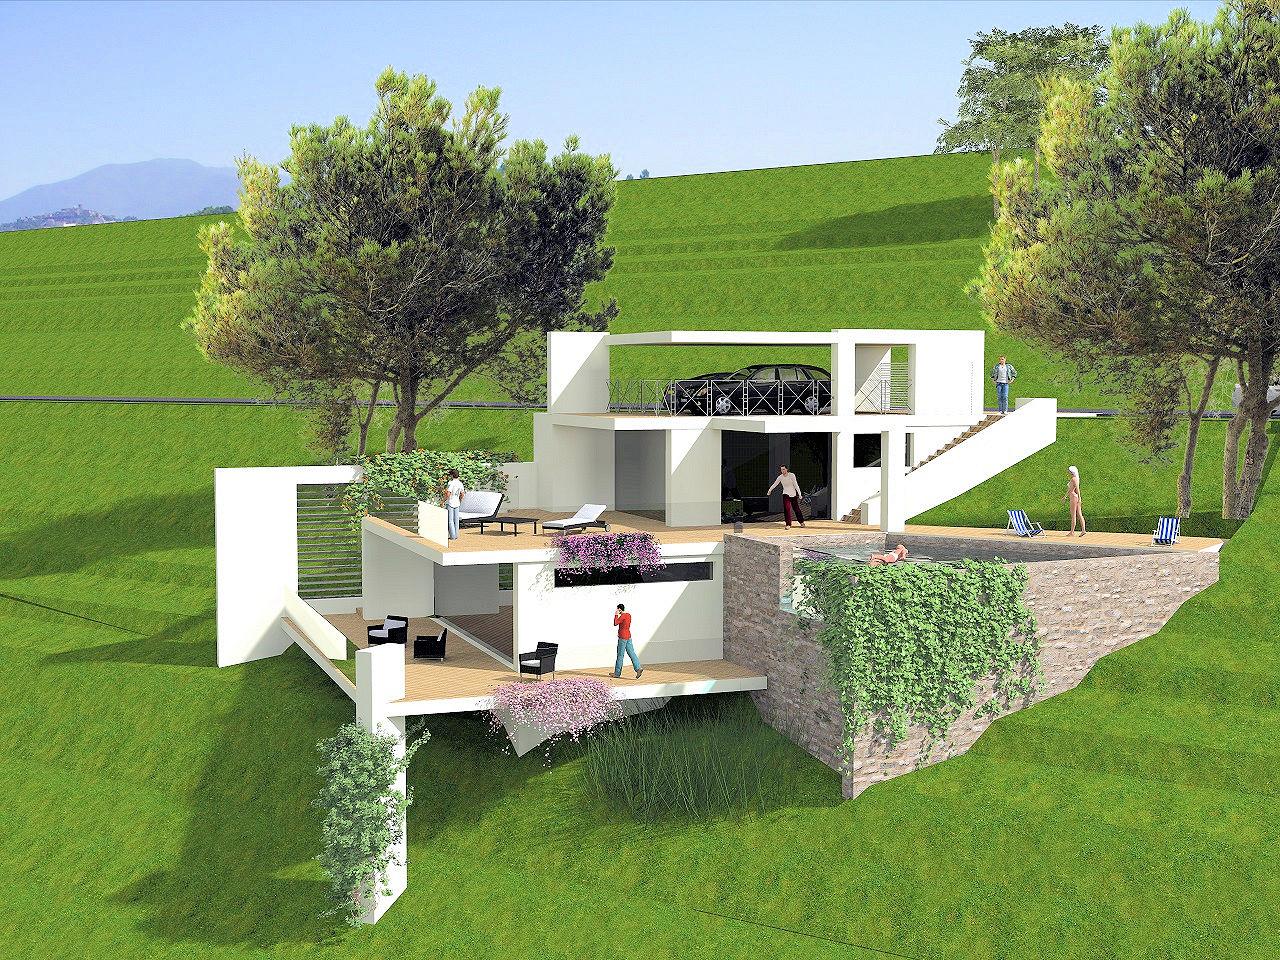 Terreno Edificabile Residenziale in vendita a Buggiano, 9999 locali, zona Località: BorgoaBuggiano, prezzo € 90.000   CambioCasa.it